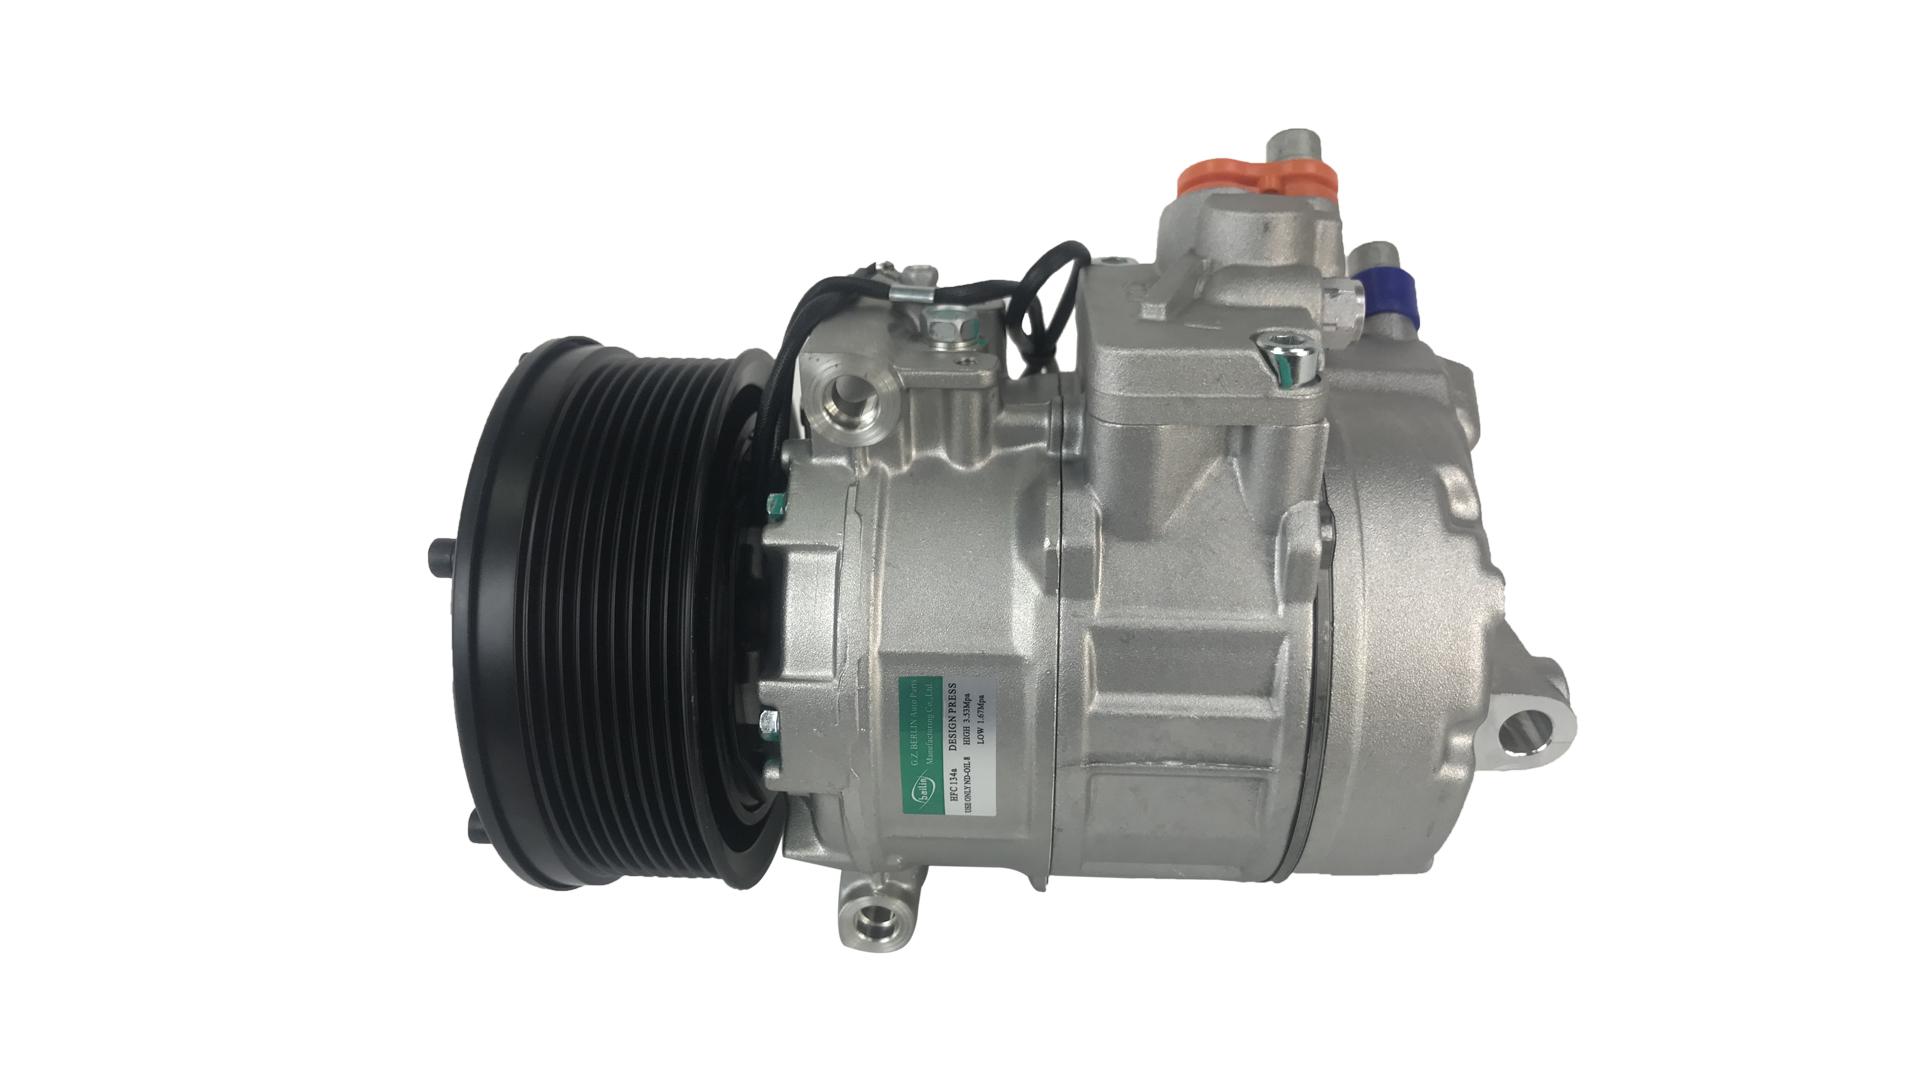 Mafi Kyawun A4572300711 / DCP17503 / 0002344311 / 447260-1805 Compressor na kwandishan na Mercedes-Benz